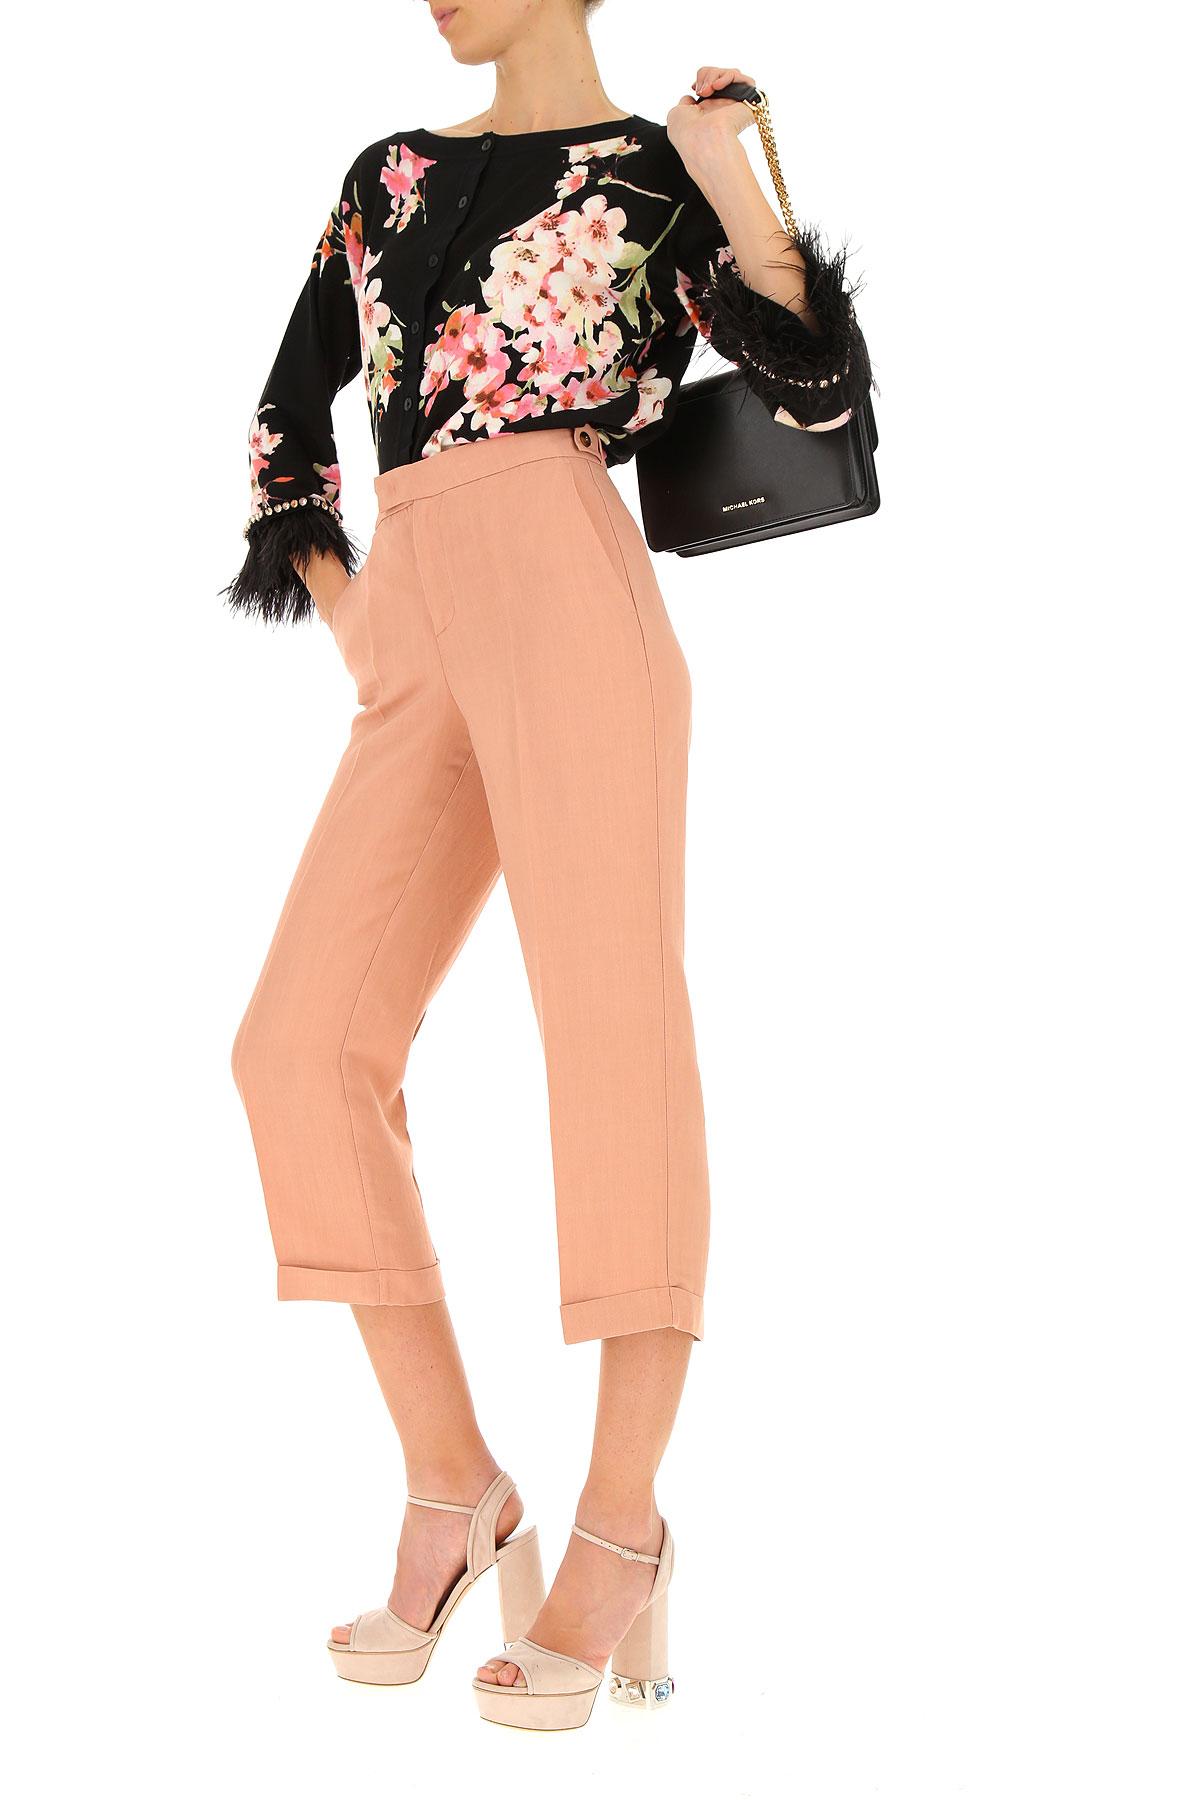 Rosa Primavera Para Simona nbsp;crema By Twin Set Barbieri 2019 Negro Mujer verano Ropa wqB6pP4